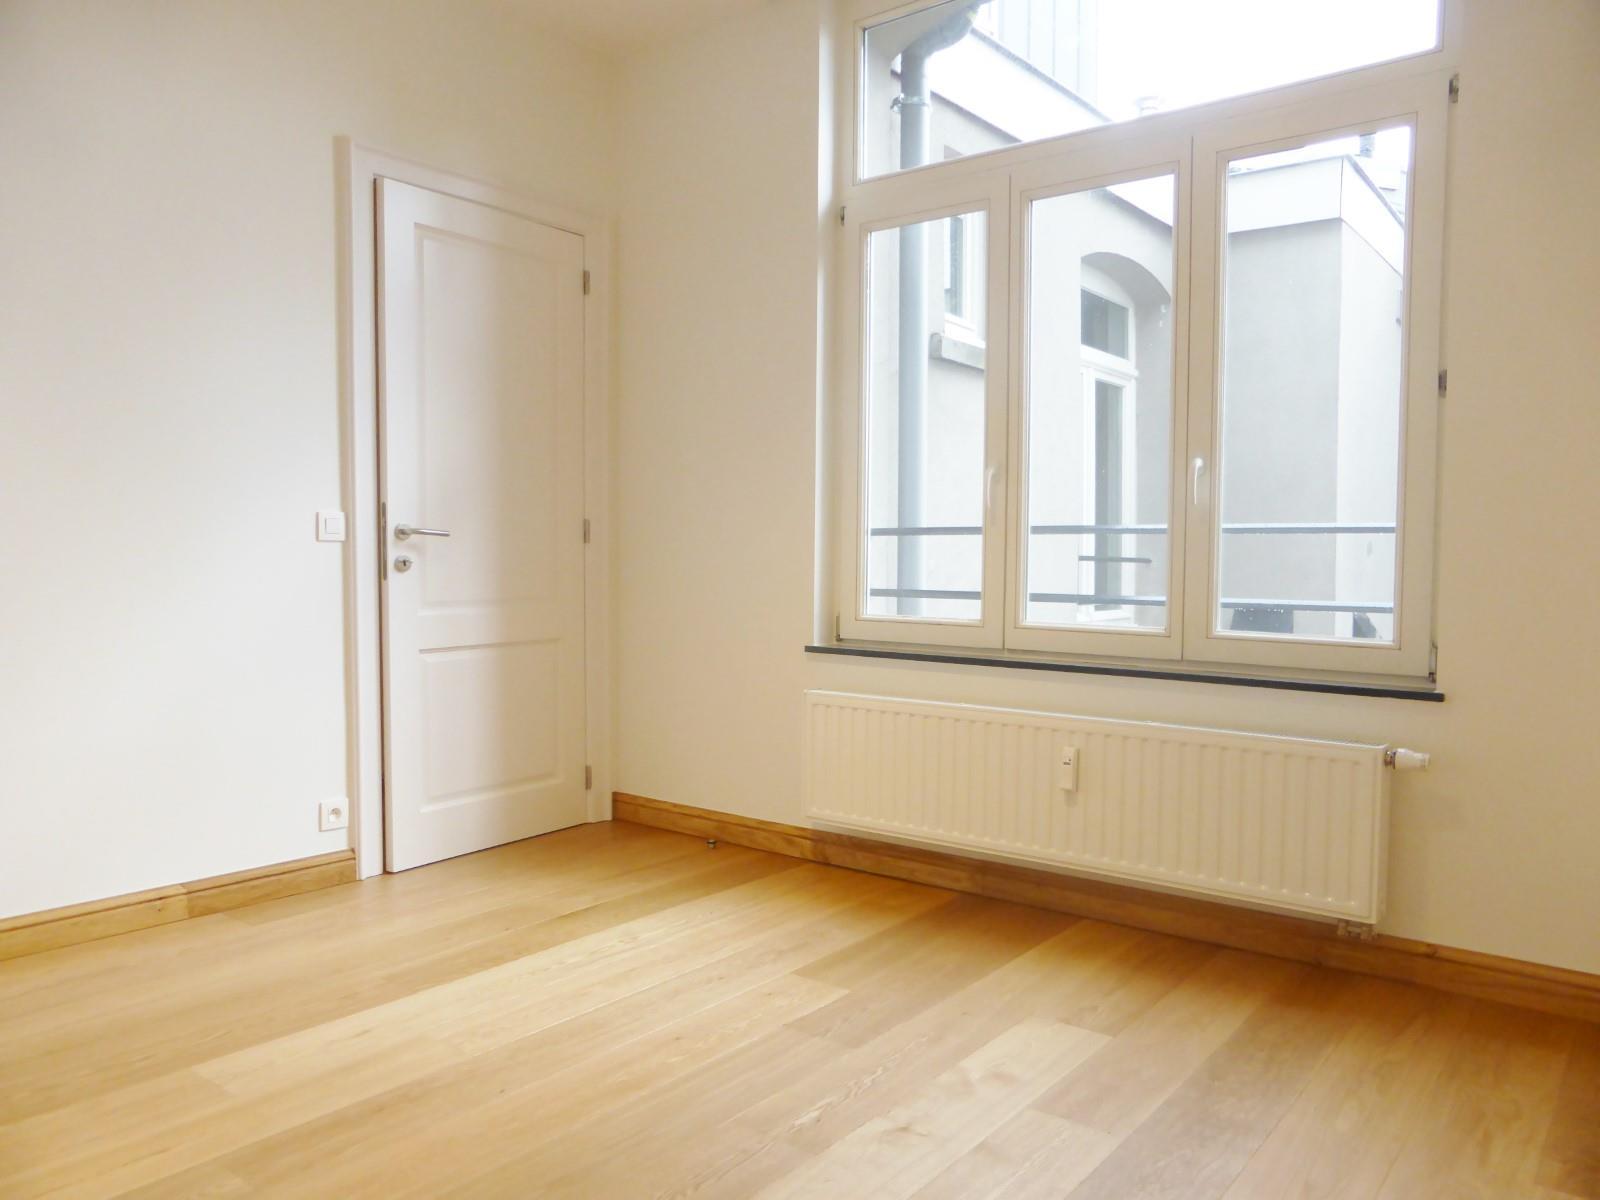 Appartement exceptionnel - Bruxelles - #4094385-33